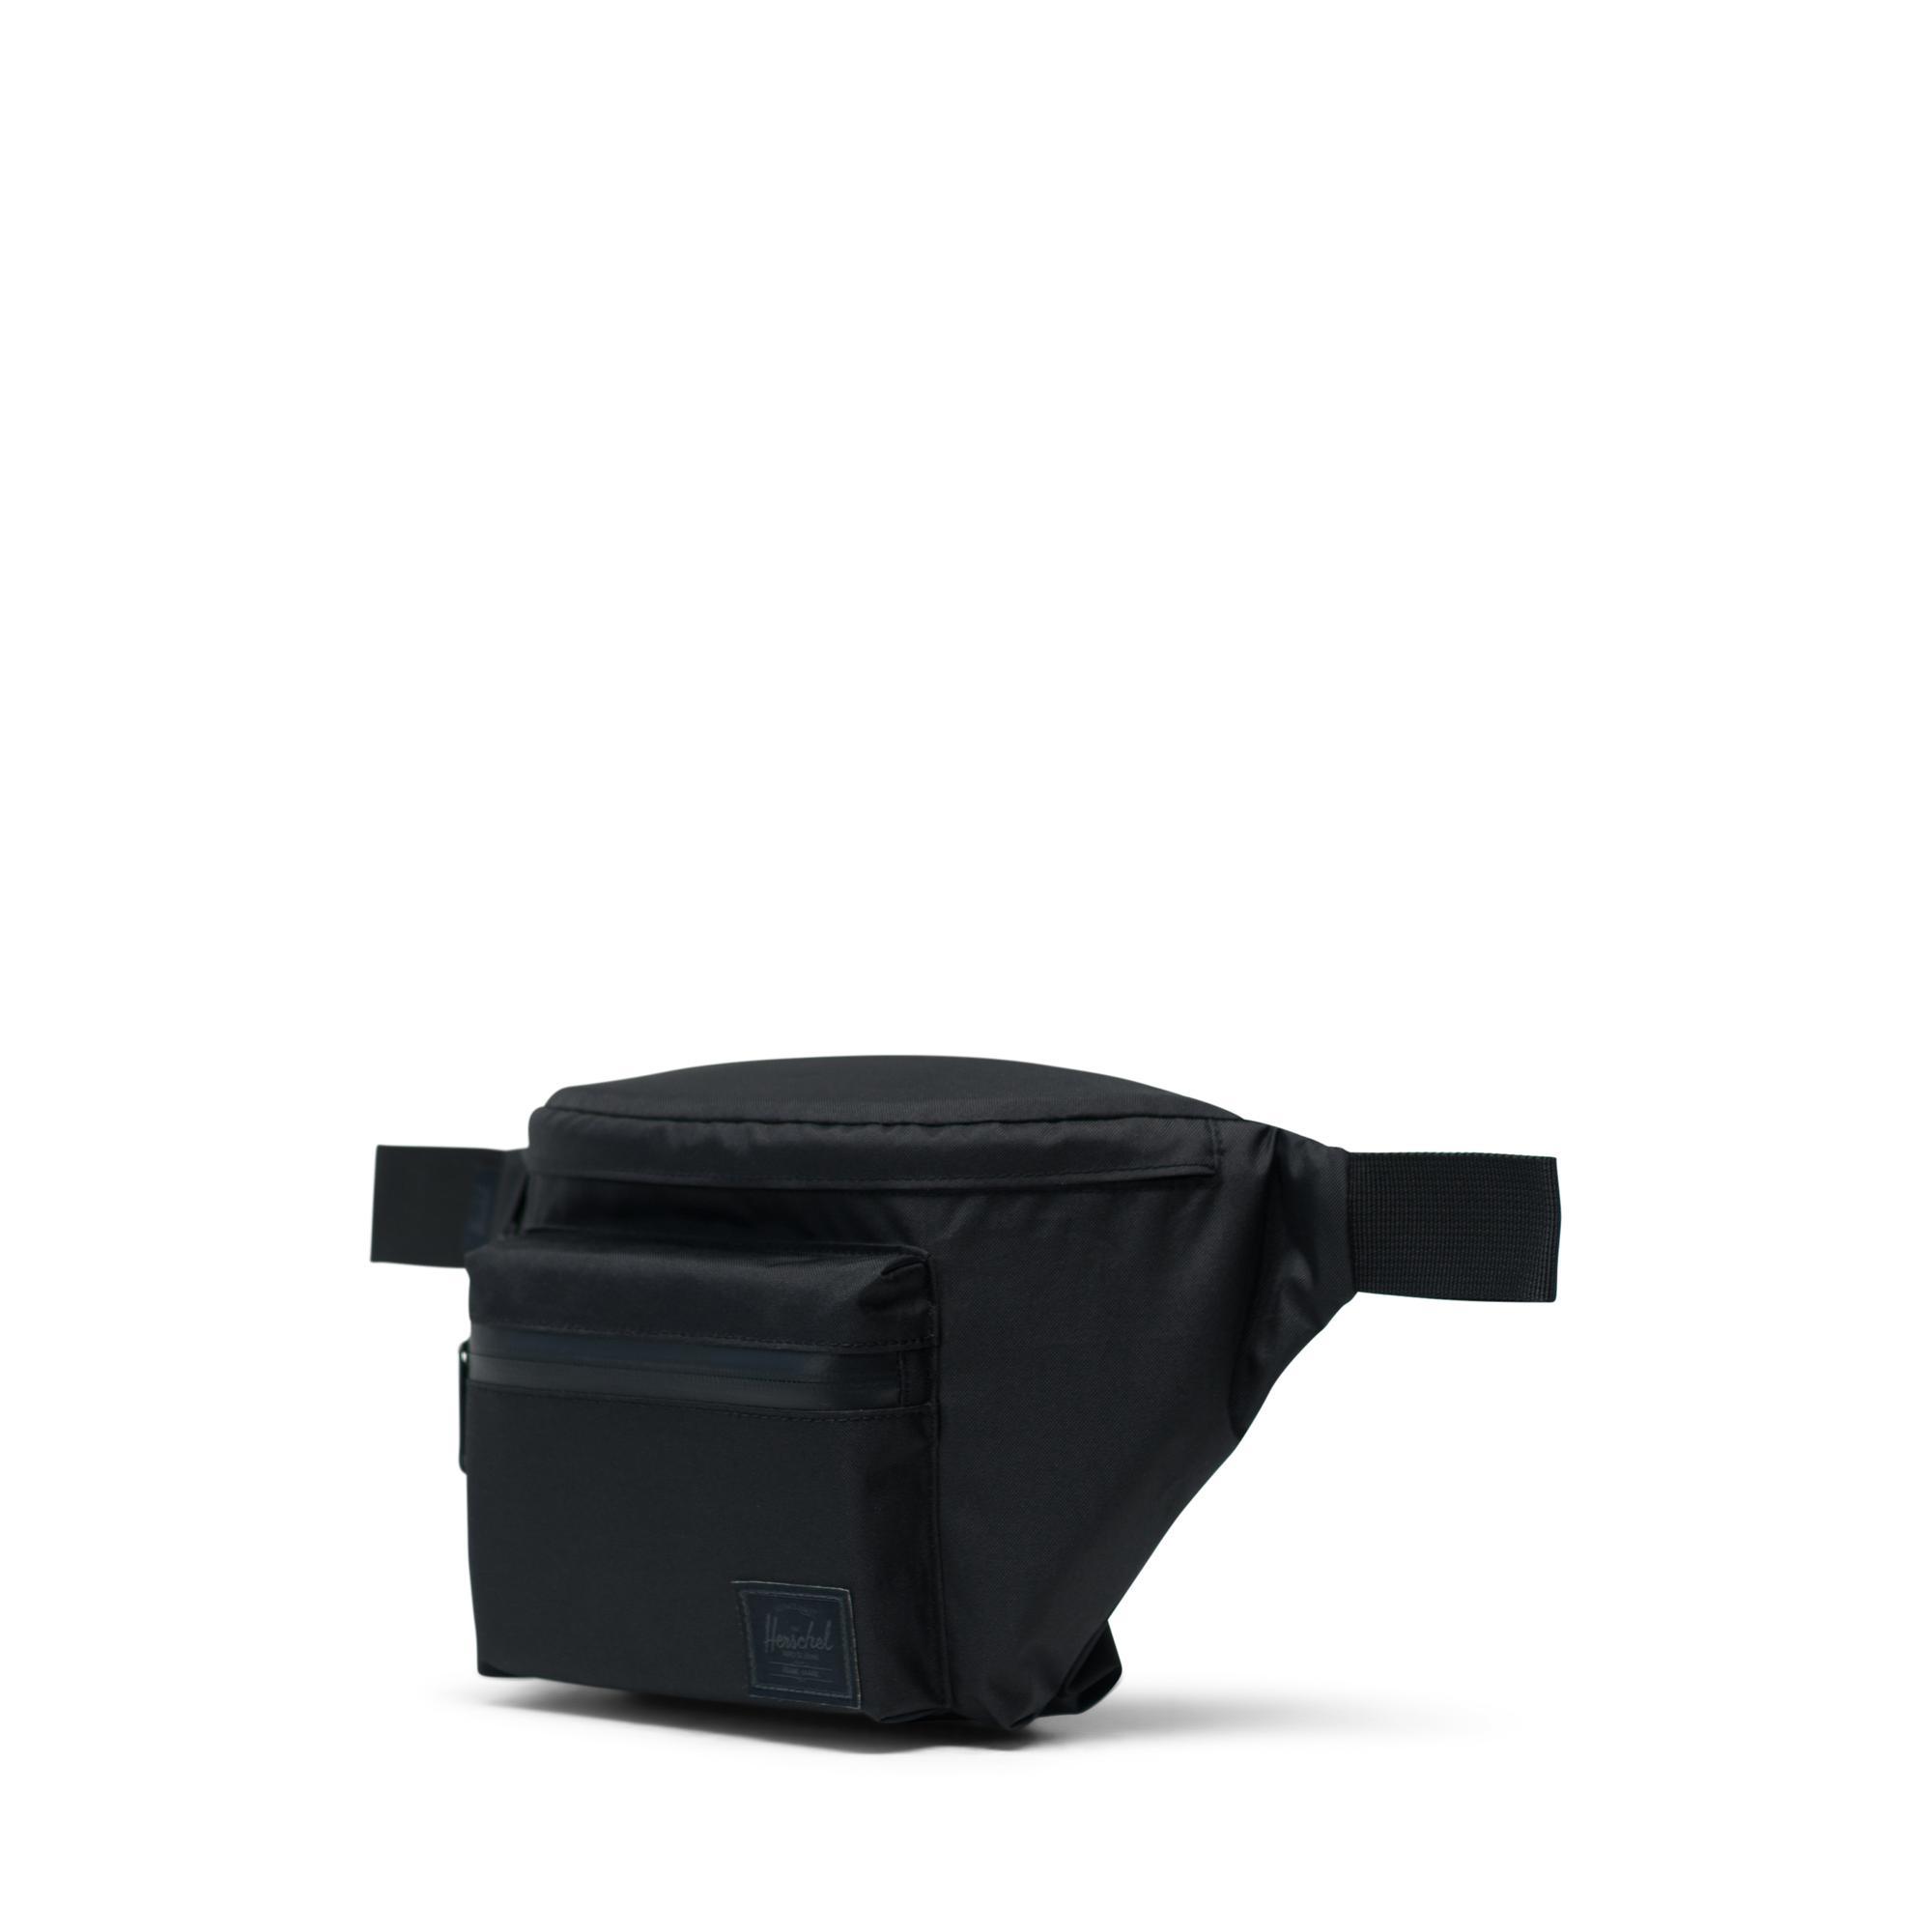 5684de57870 Seventeen Hip Pack Light | Herschel Supply Company